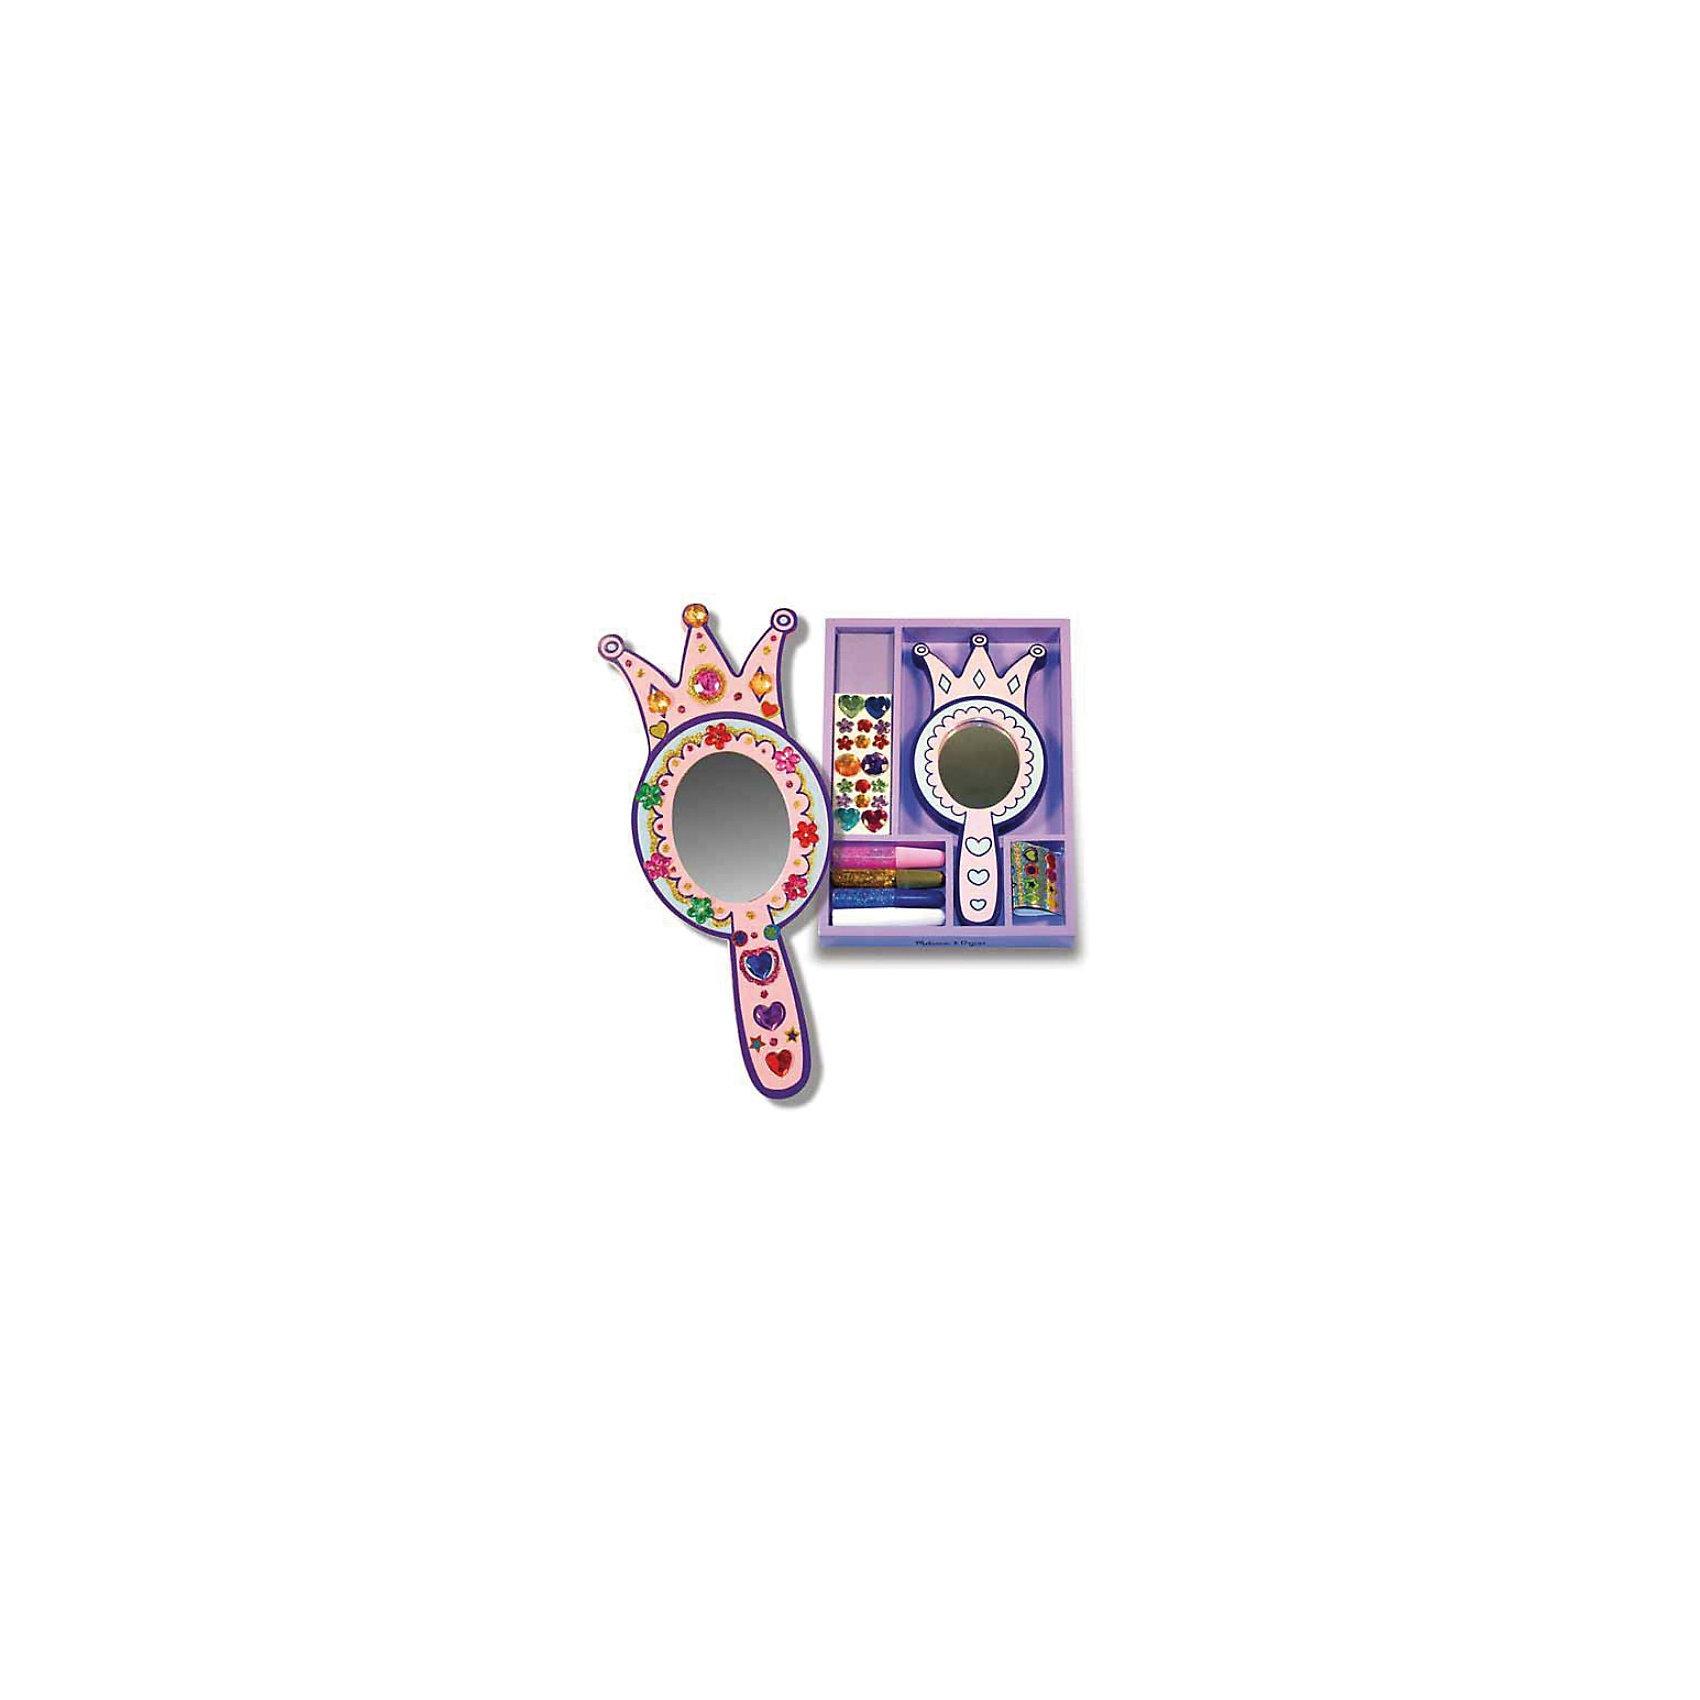 Melissa &amp; Doug Набор Зеркало принцессыРукоделие<br>Замечательный набор серии «Творчество», хранящийся в удобном фиолетовом деревянном ящичке. <br><br>В набор входит зеркало в деревянной оправе, клей с блестками, прозрачные камушки различной формы и цвета. Благодаря такому набору, Ваша маленькая прелестница легко сможет создать свое уникальное и неповторимое Зеркало принцессы.<br><br>Дополнительная информация:<br><br>- В комплекте зеркало в деревянной оправе, клей с блестками, прозрачные камушки<br>- Размер: 17 х 25 х 2 см<br><br>Ширина мм: 20<br>Глубина мм: 250<br>Высота мм: 170<br>Вес г: 310<br>Возраст от месяцев: 48<br>Возраст до месяцев: 84<br>Пол: Женский<br>Возраст: Детский<br>SKU: 2401067